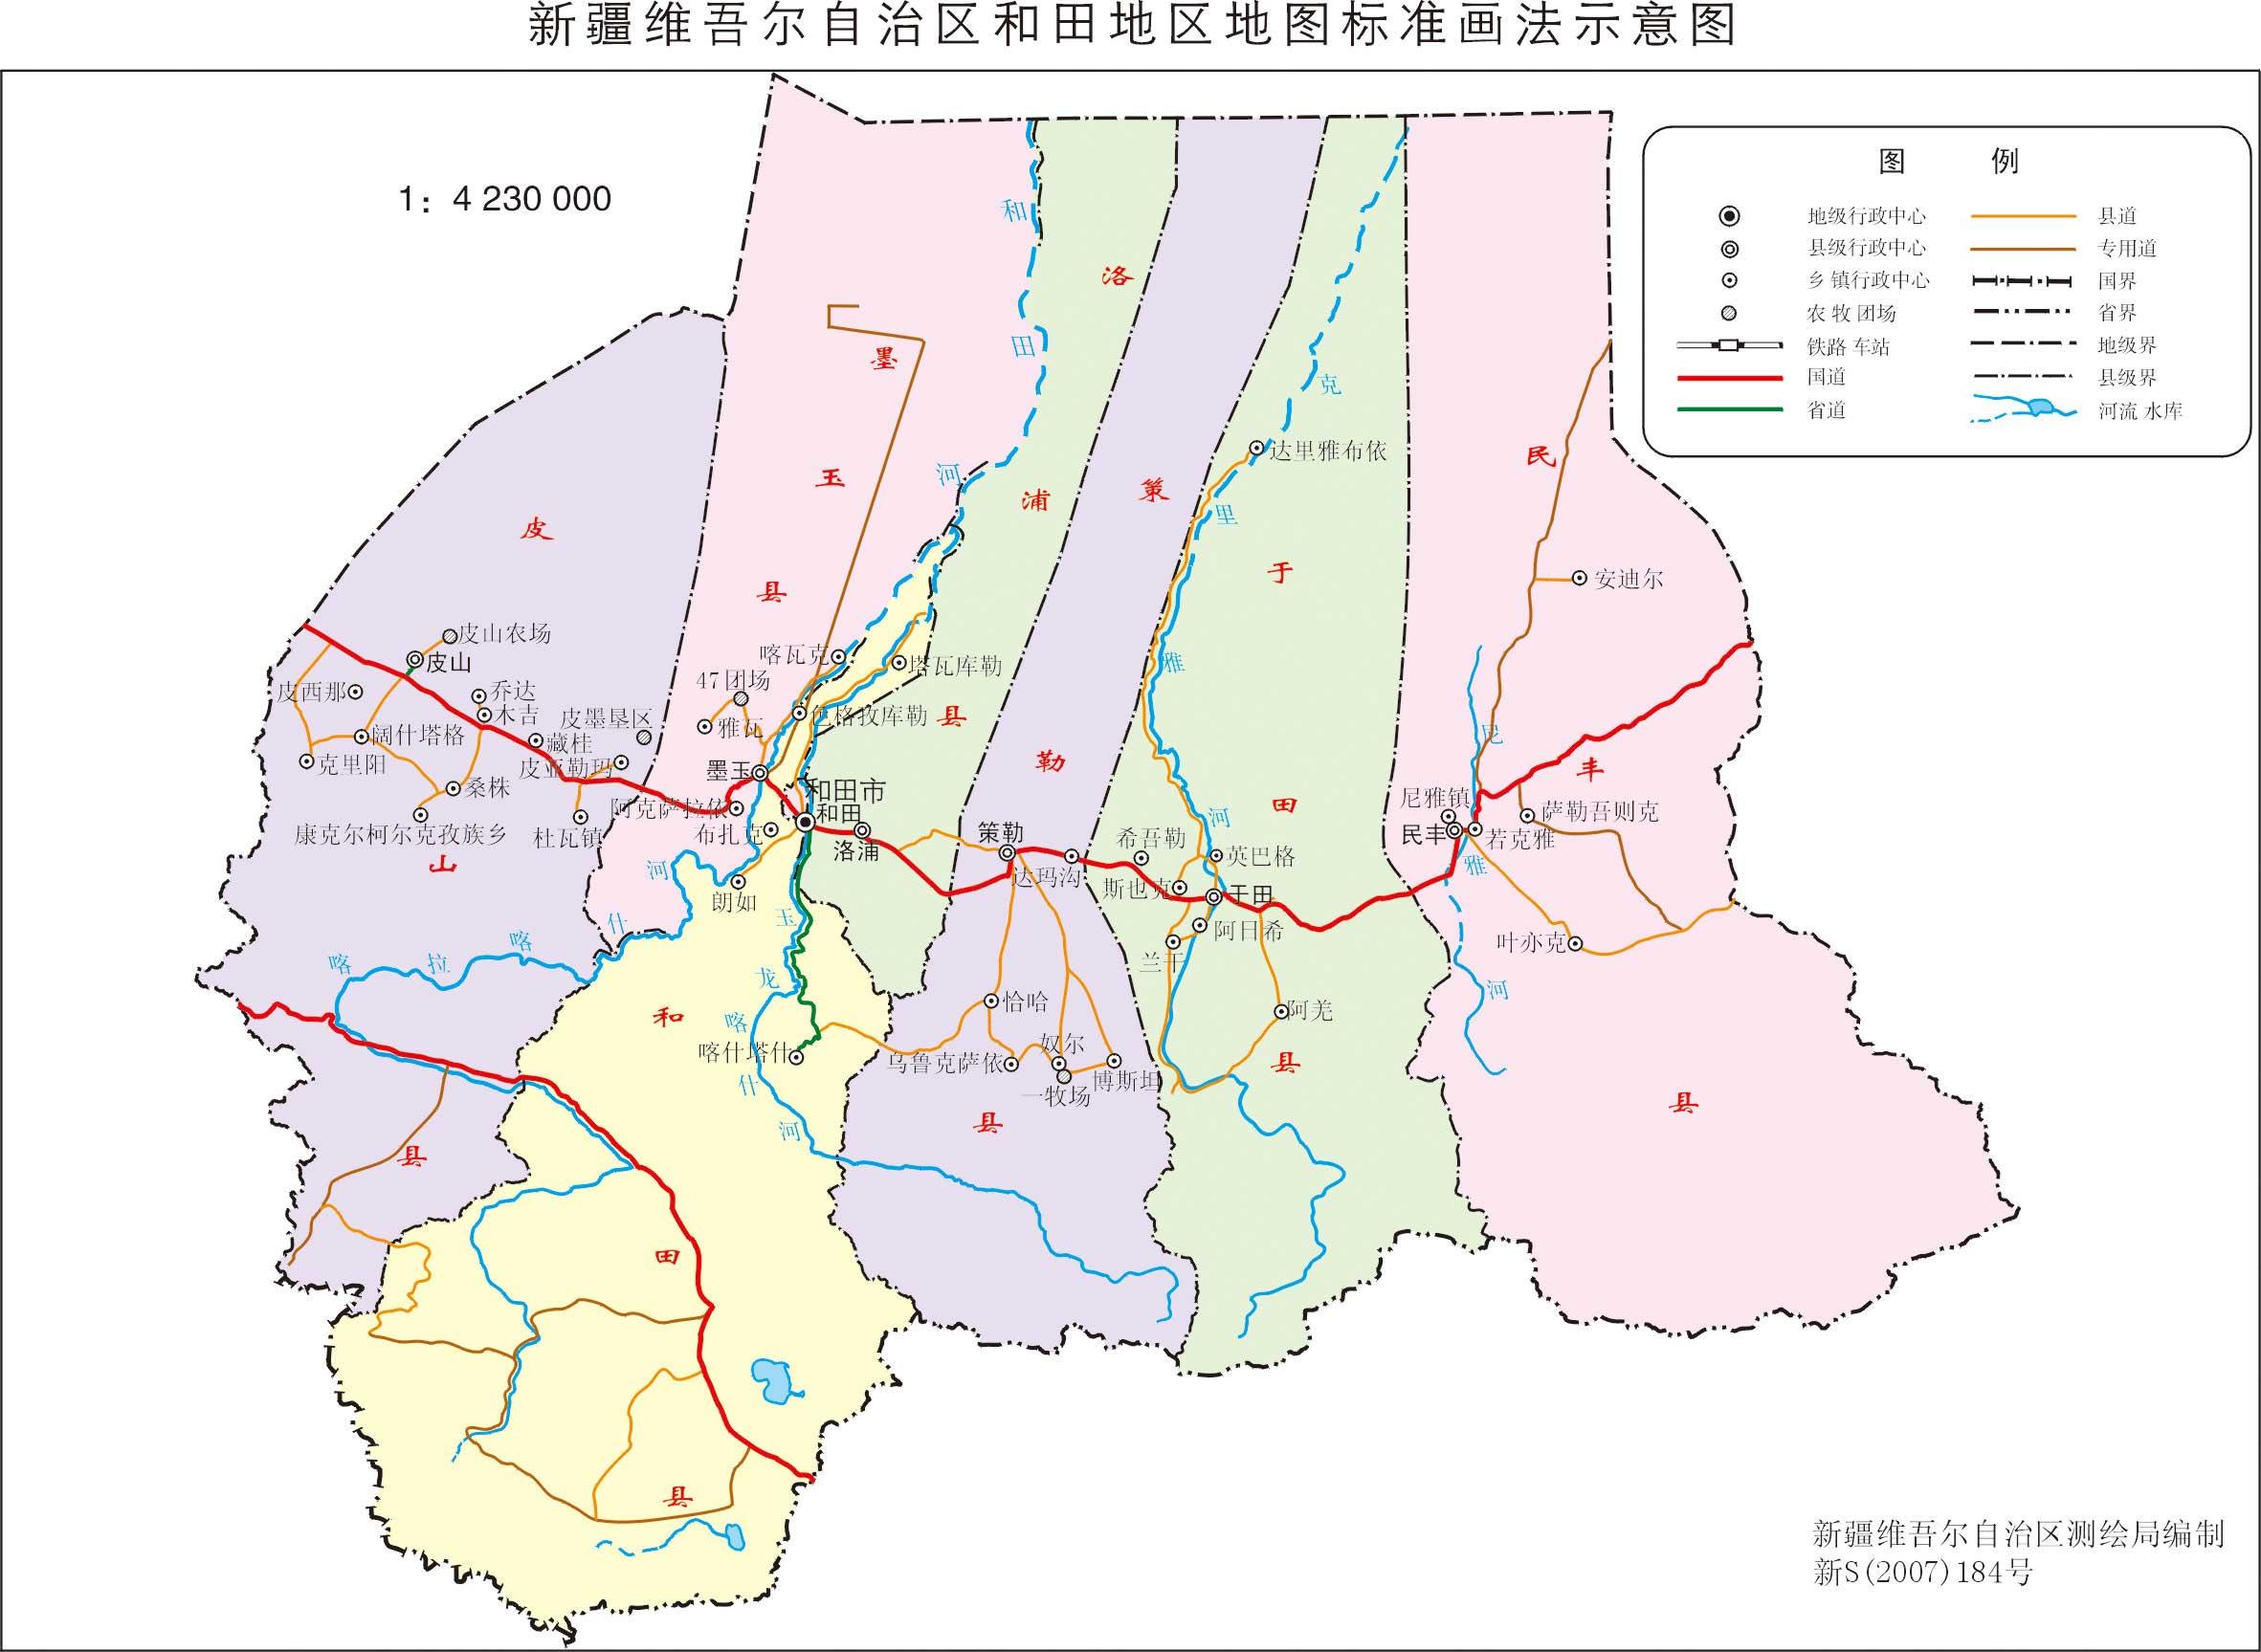 和田地区旅游地图